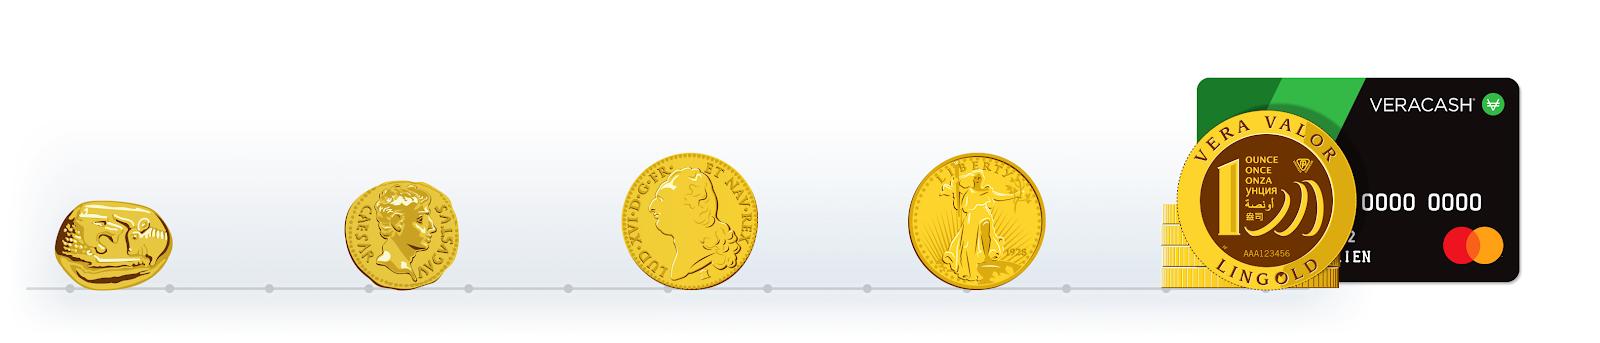 Du louis d'or à la carte Veracash